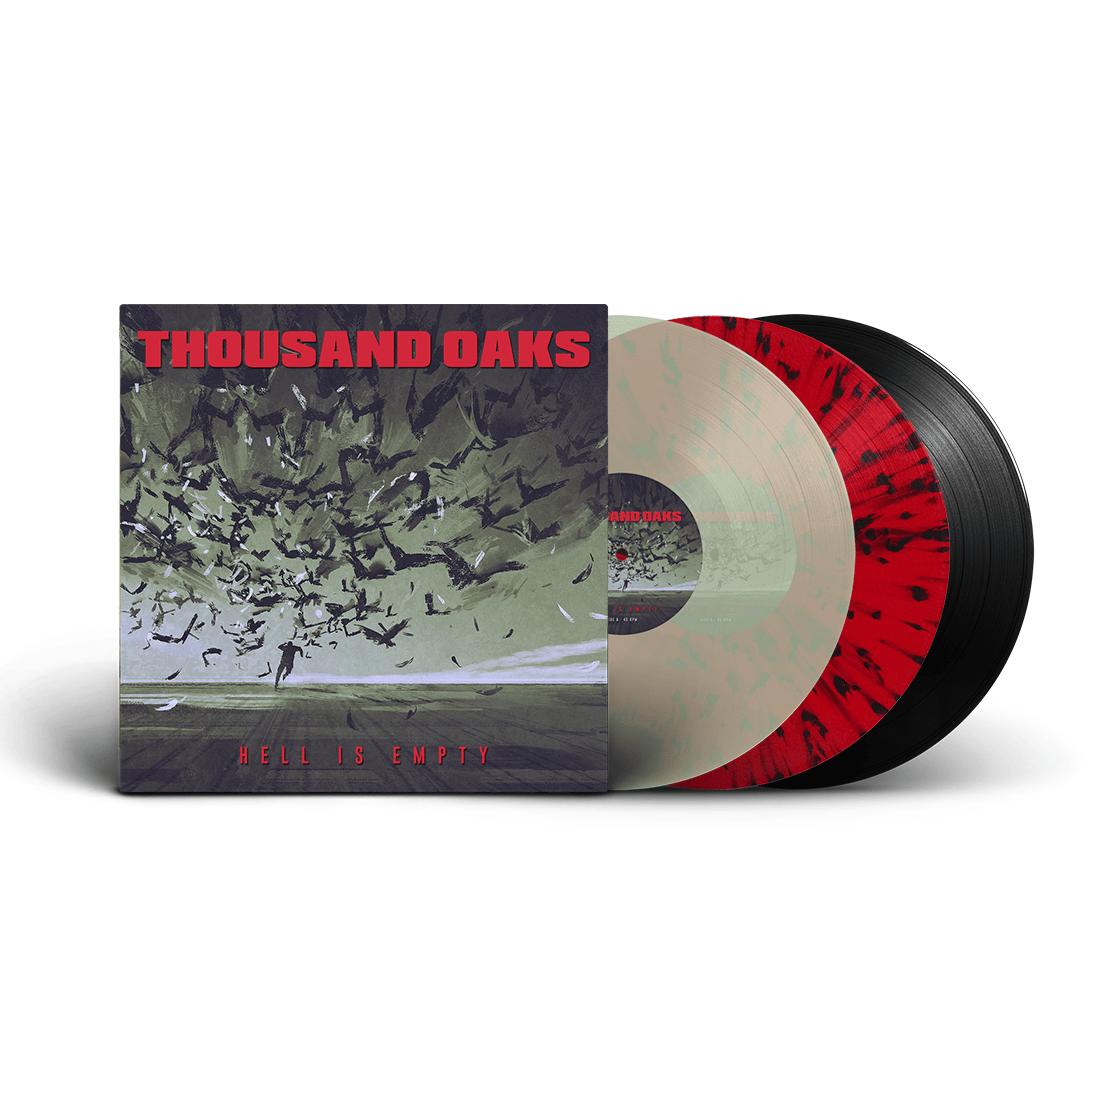 Thousand Oaks - Hell Is Empty (VINYL)